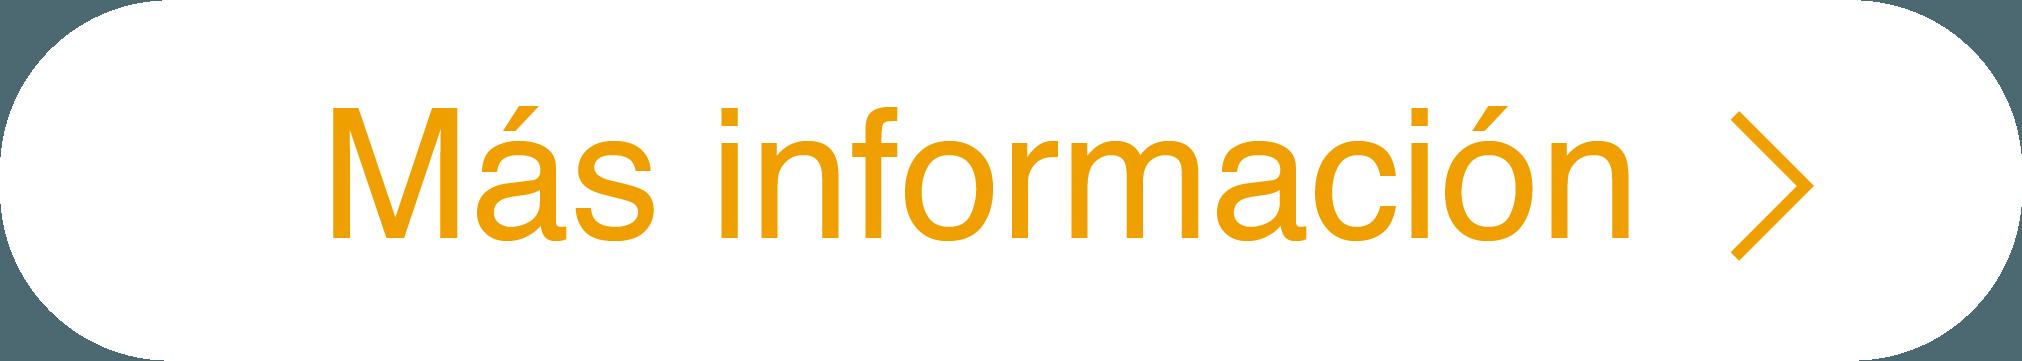 Botón más información Electronic Messaging Services